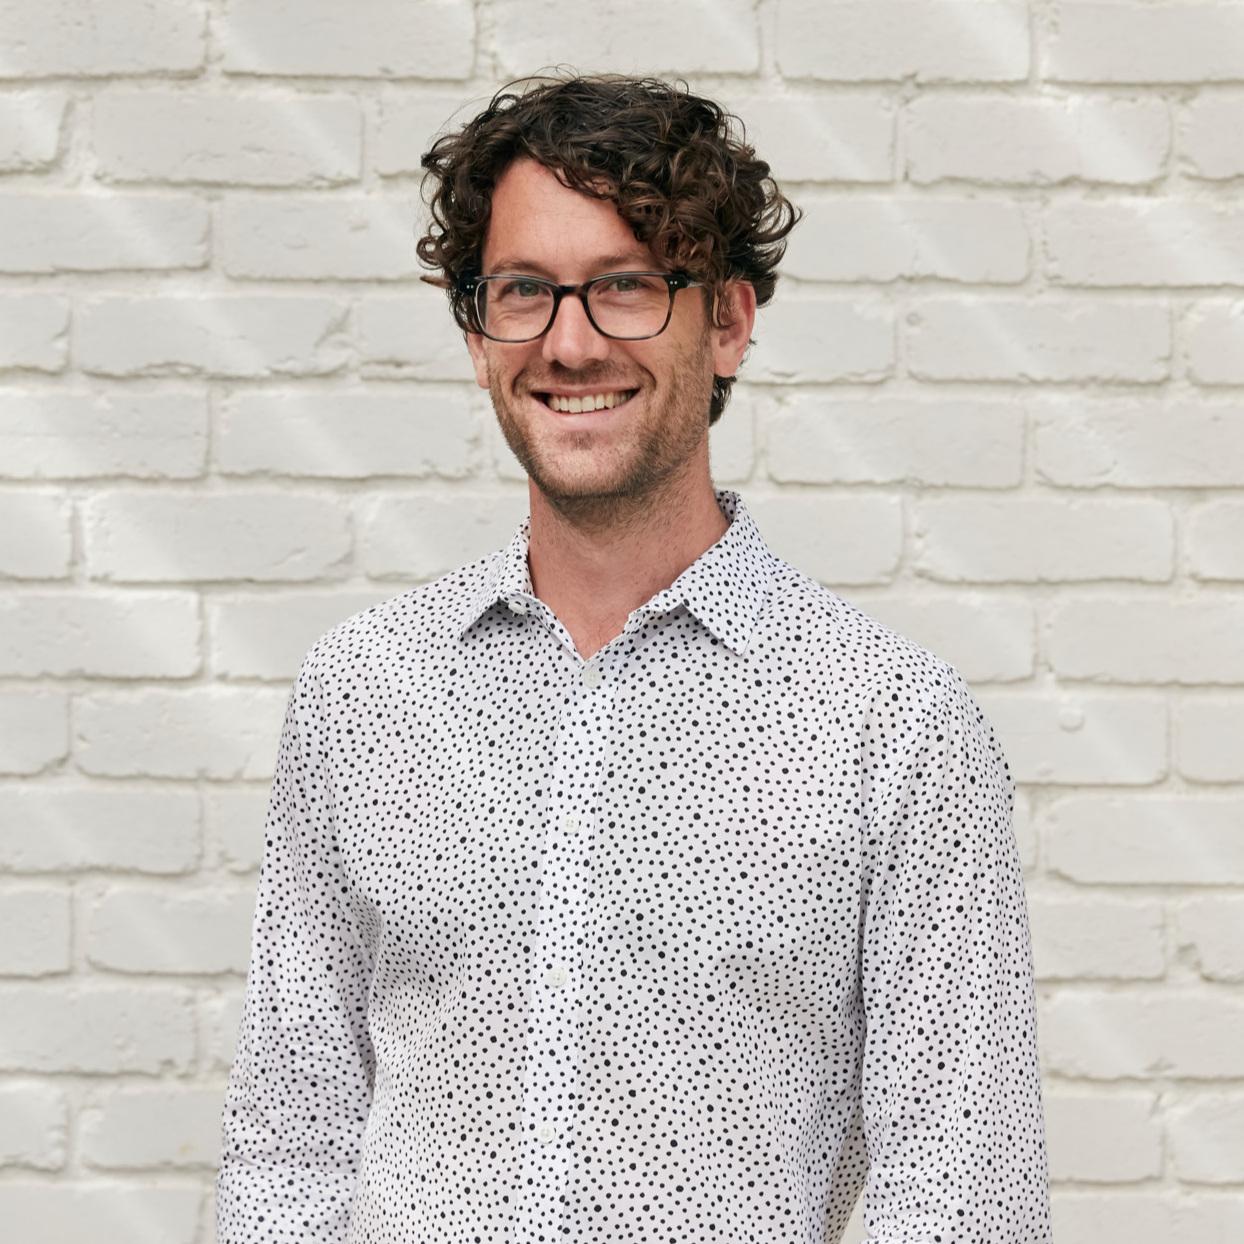 Michael Roper - mr@archarch.com.au